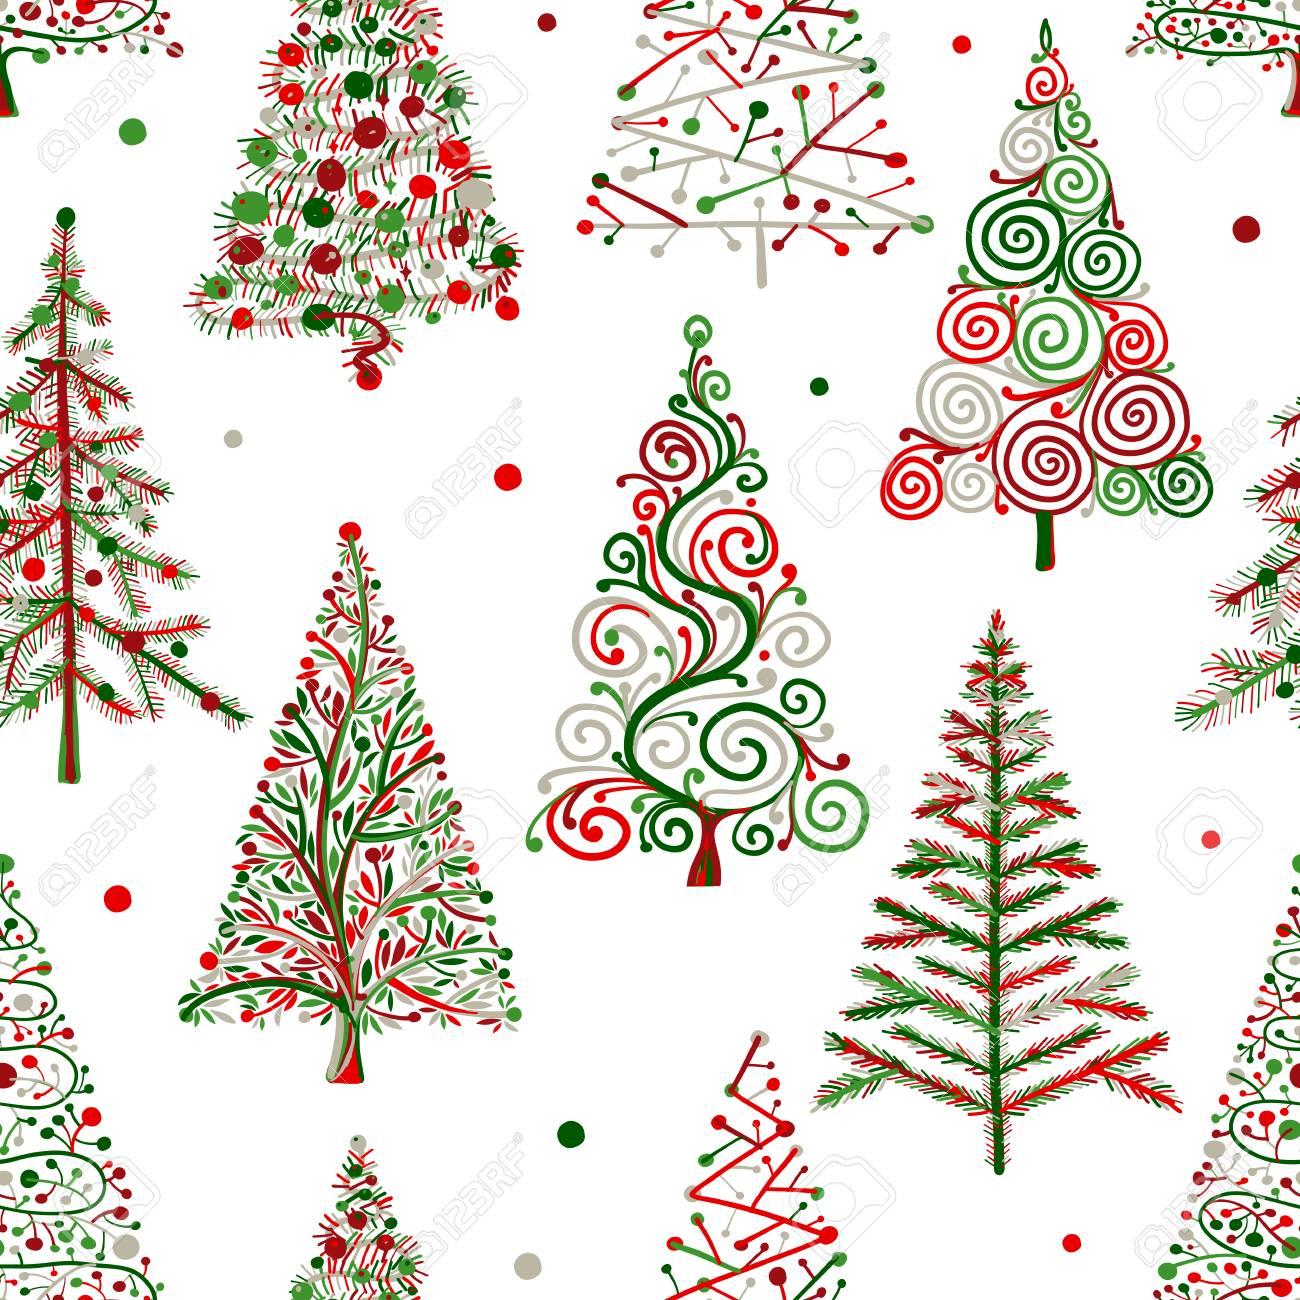 Disegni Di Natale Vettoriali.Alberi Di Natale Modello Senza Soluzione Di Continuita Per Il Vostro Disegno Illustrazione Vettoriale